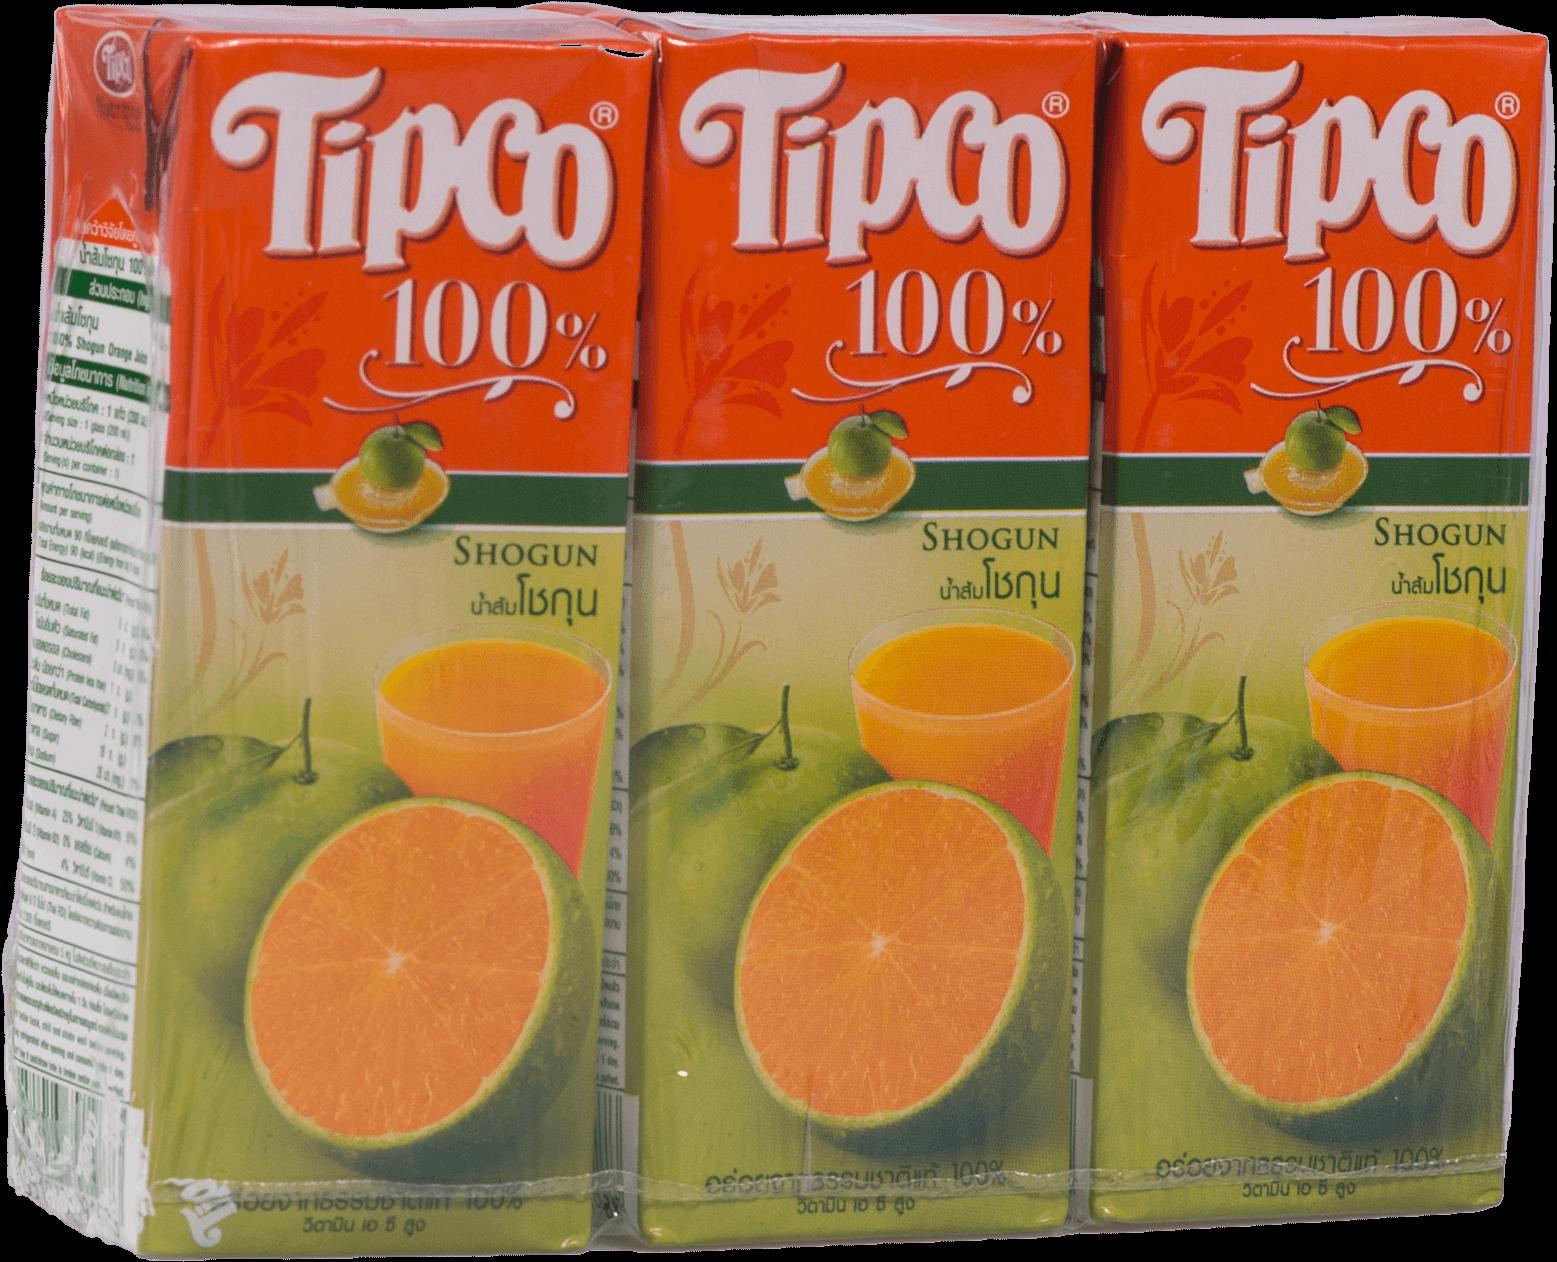 น้ำส้มโชกุน Tipco 100% 200ml. (1x3)